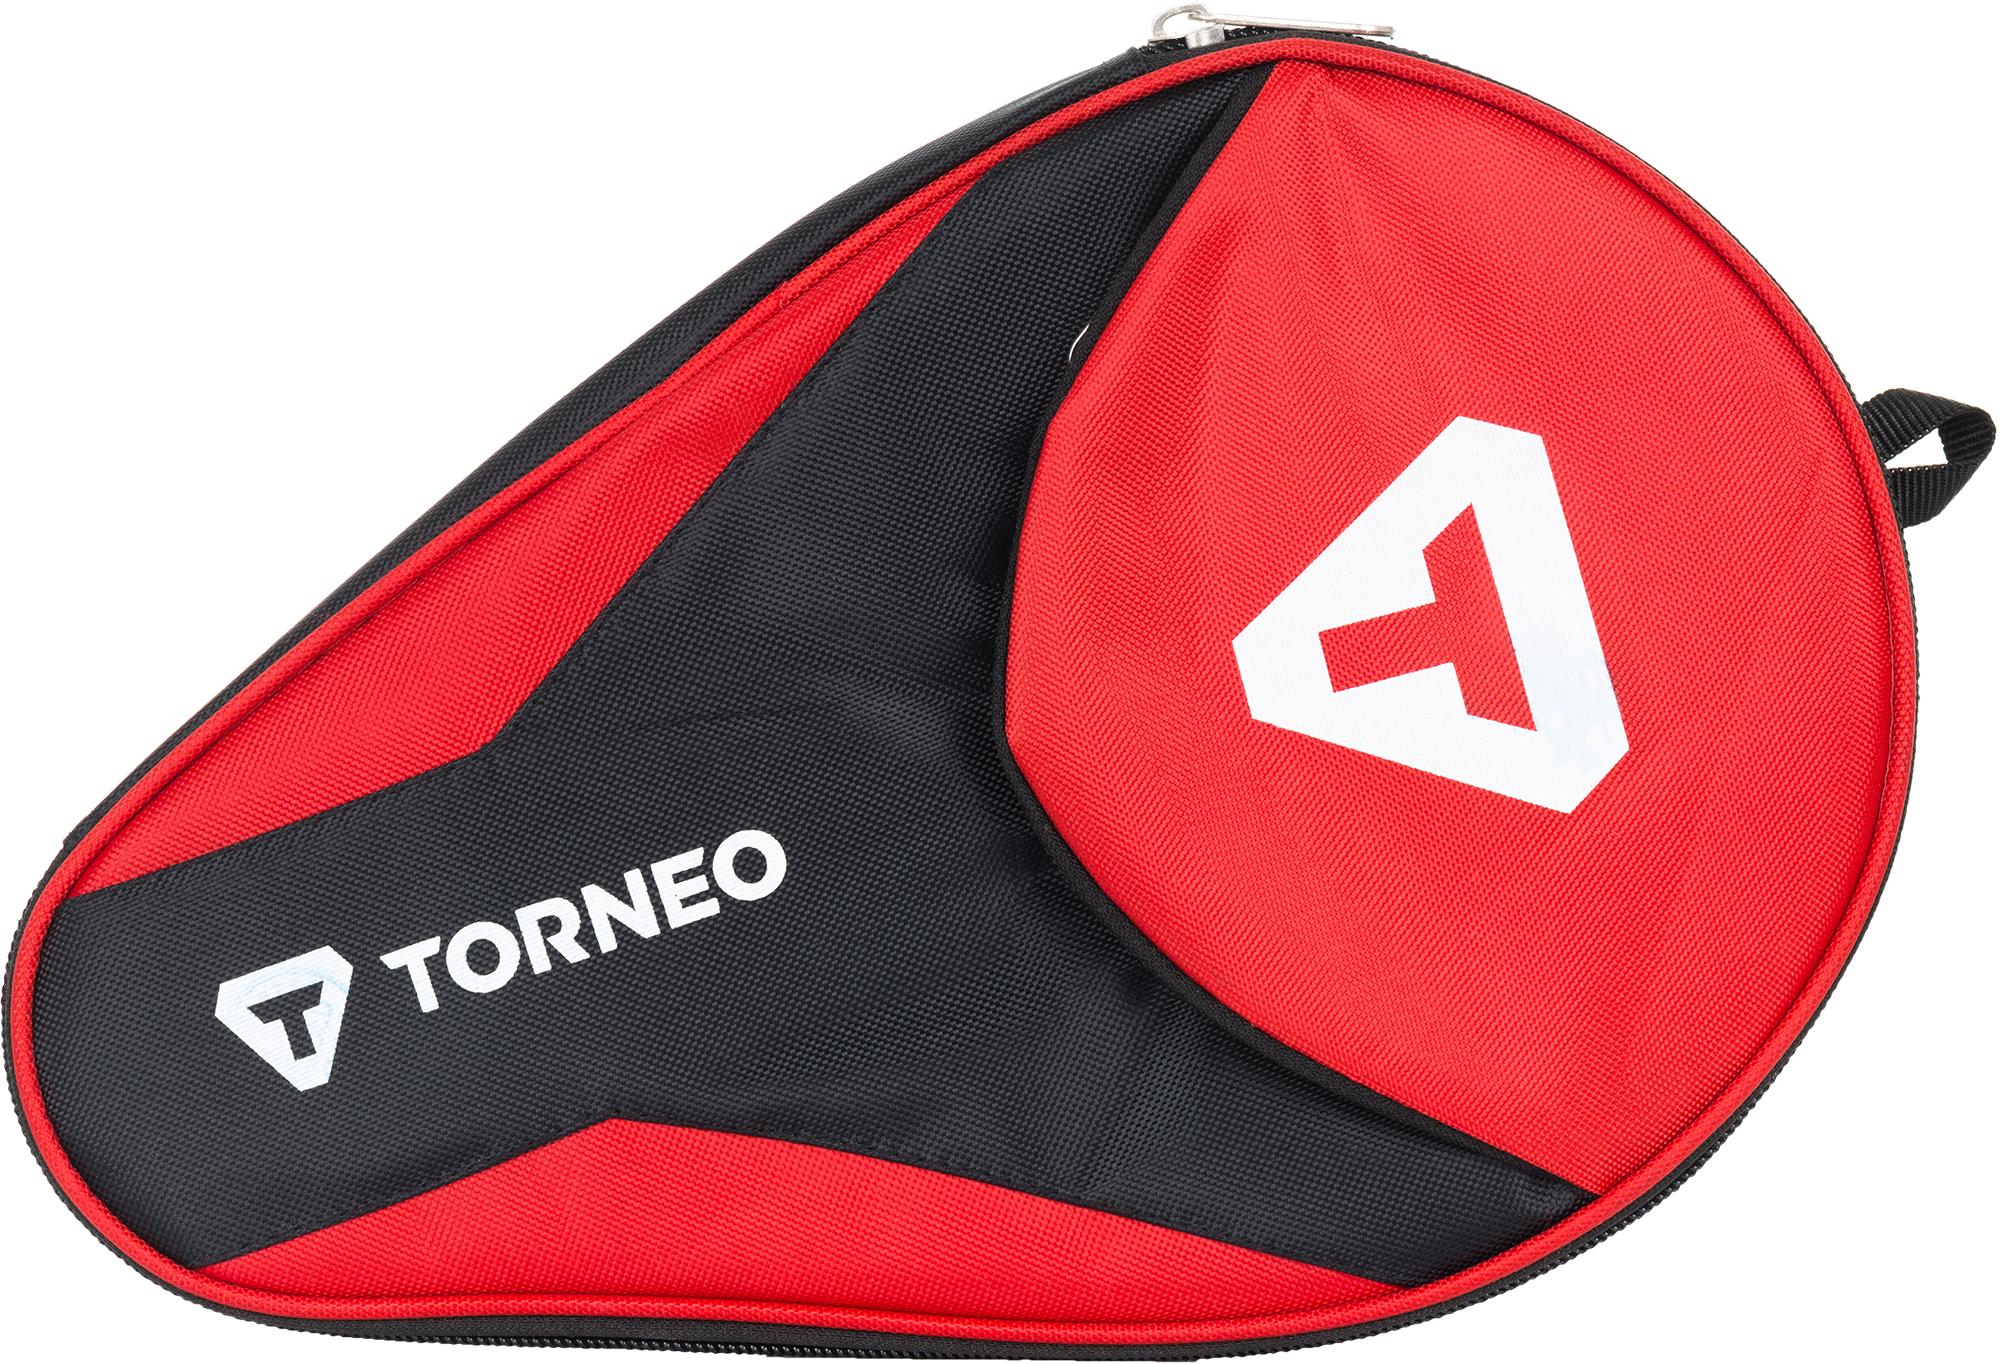 Torneo Чехол для 1 ракетки для настольного тенниса Torneo